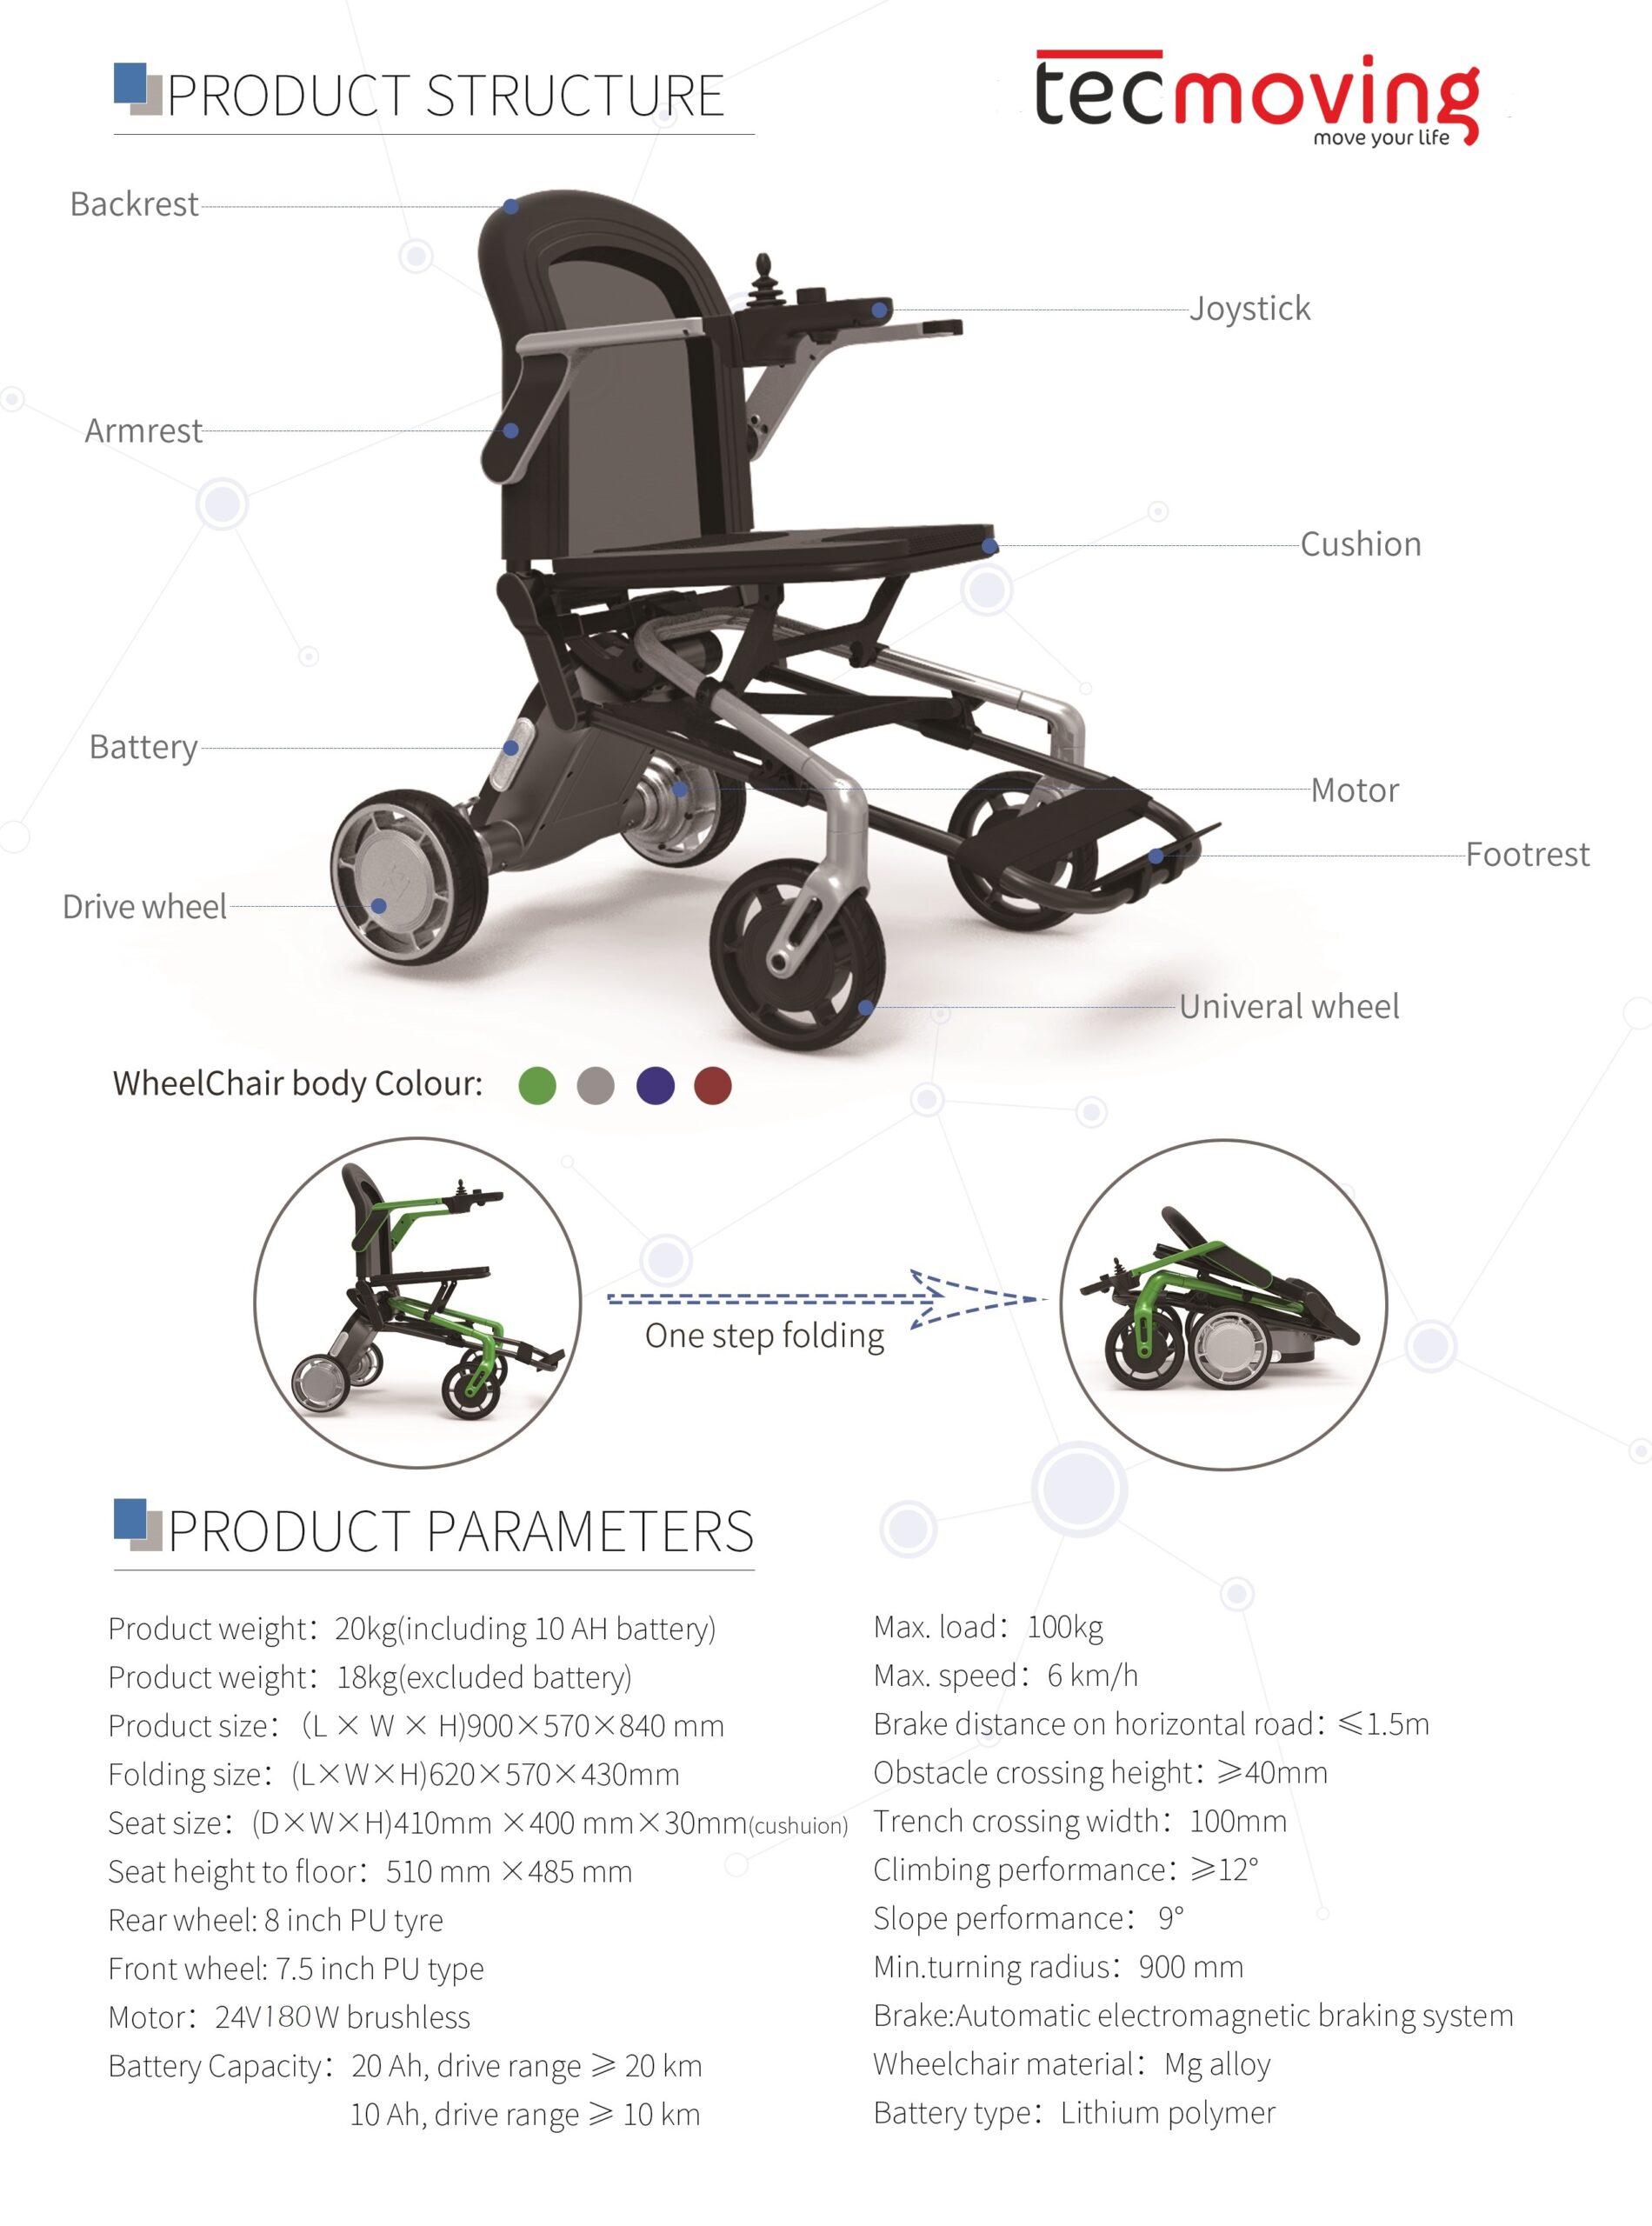 Dimensiones Pocket chair, la silla de ruedas eléctrica para interior de casa